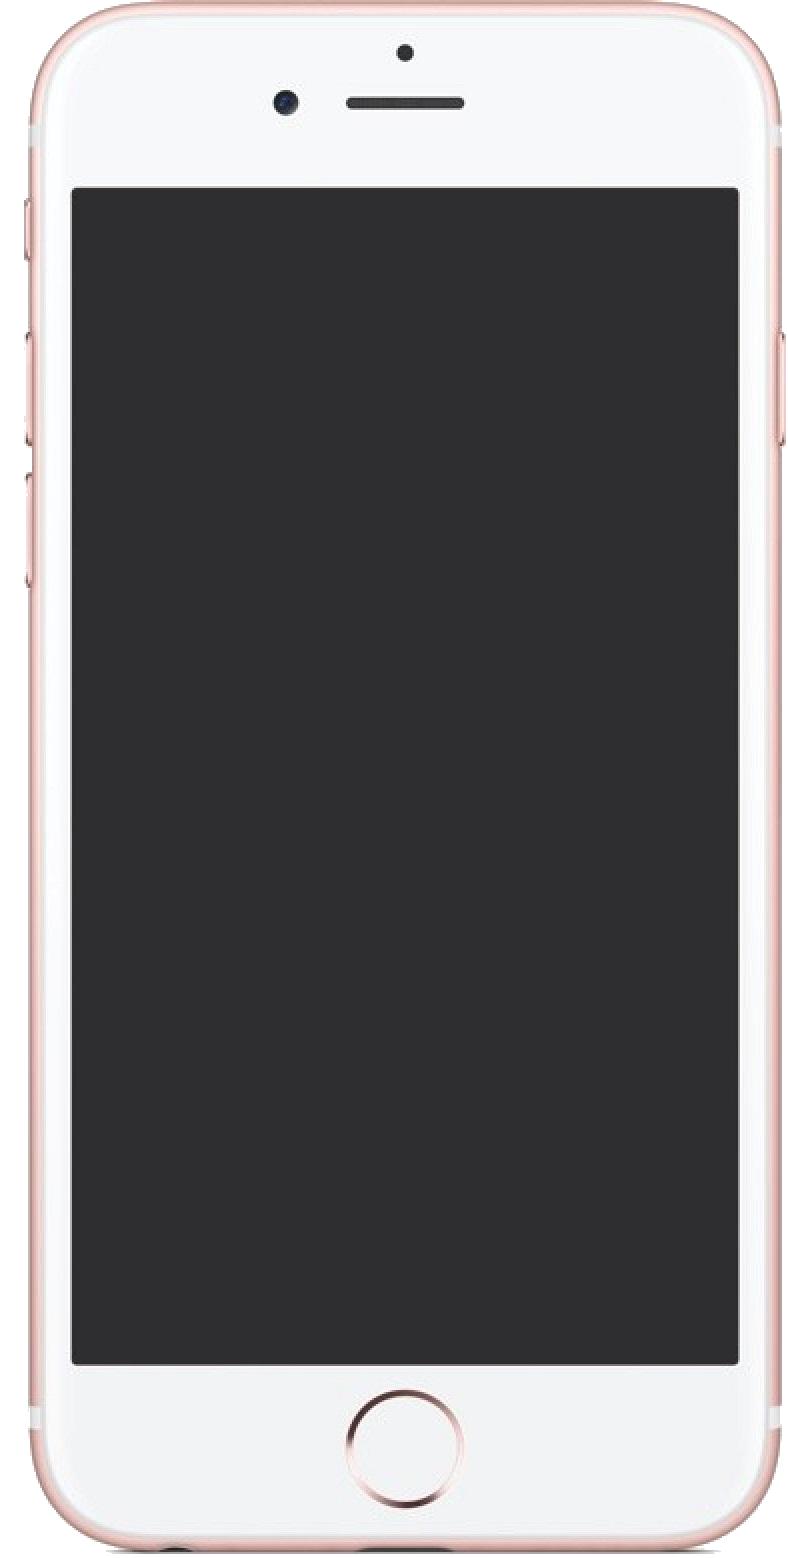 به راحتی آیفون خود را با حرکت دادن سر کنترل کنید-کنترل ایفون با حرکت سر-جدیدترین ترفندهای ایفون-ترفندهای جدید آیفون-حرکت دادن موبایل با حرکت سر